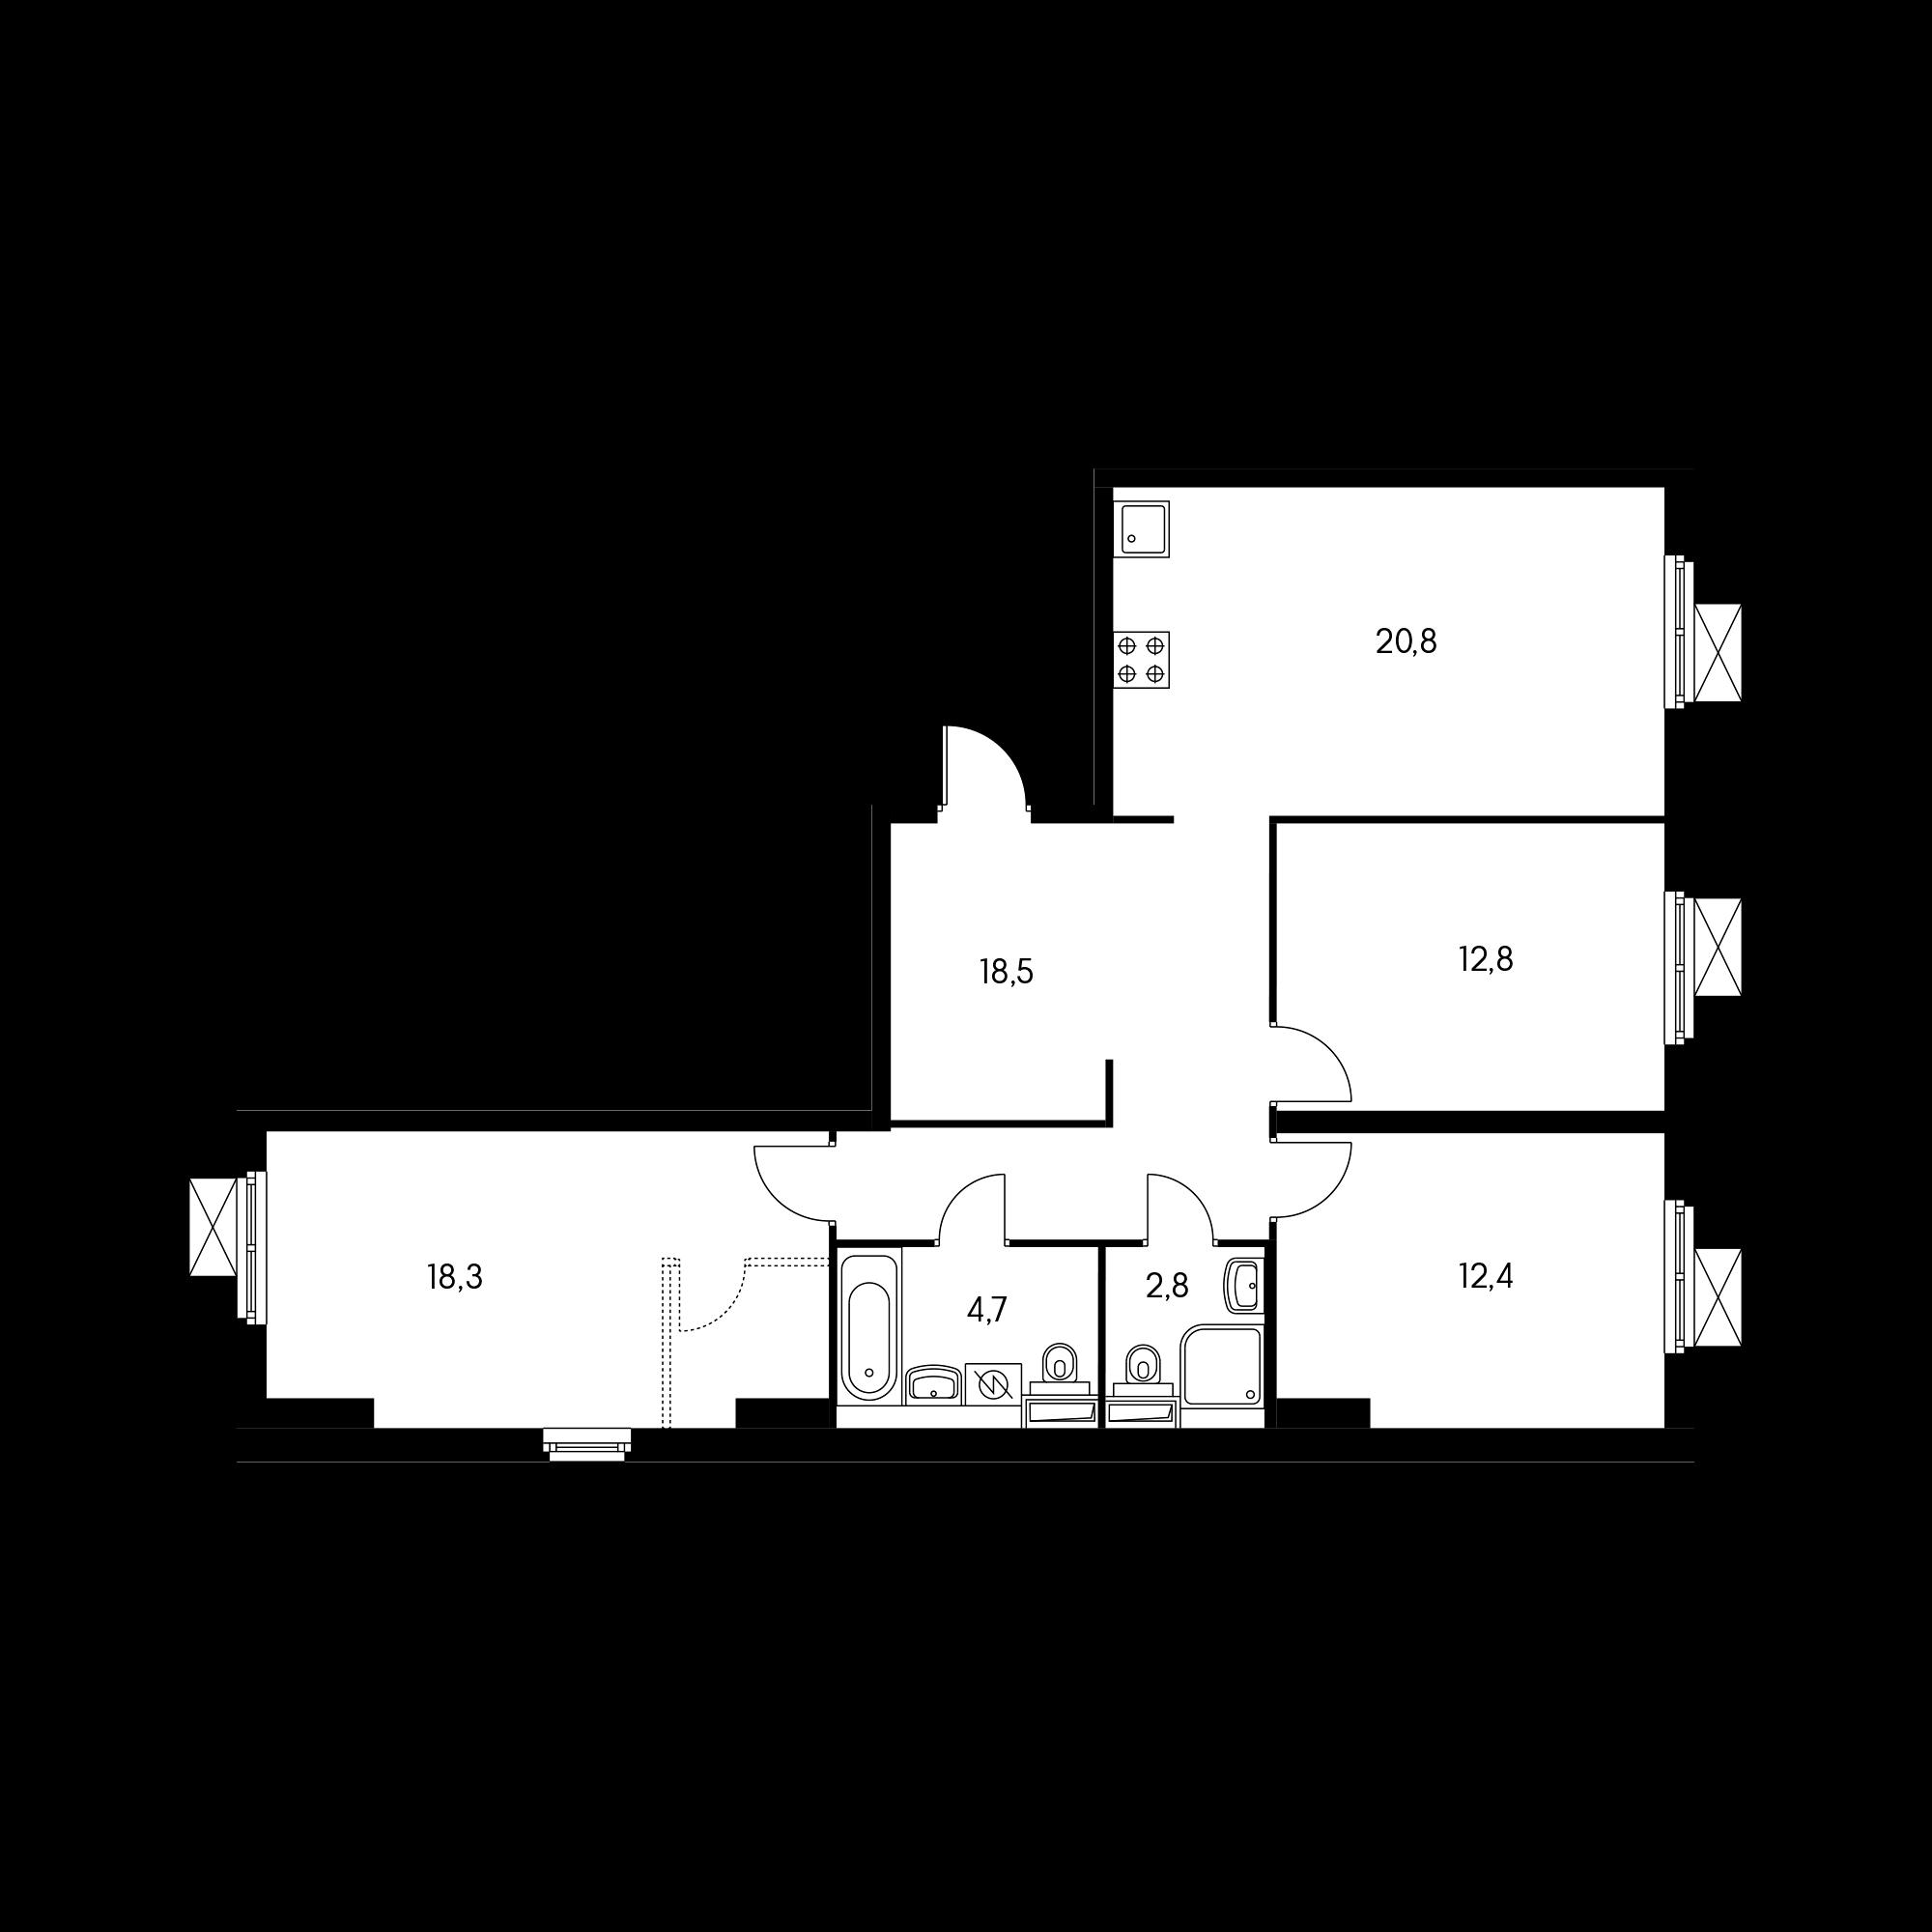 3EL3_10.2-1_T